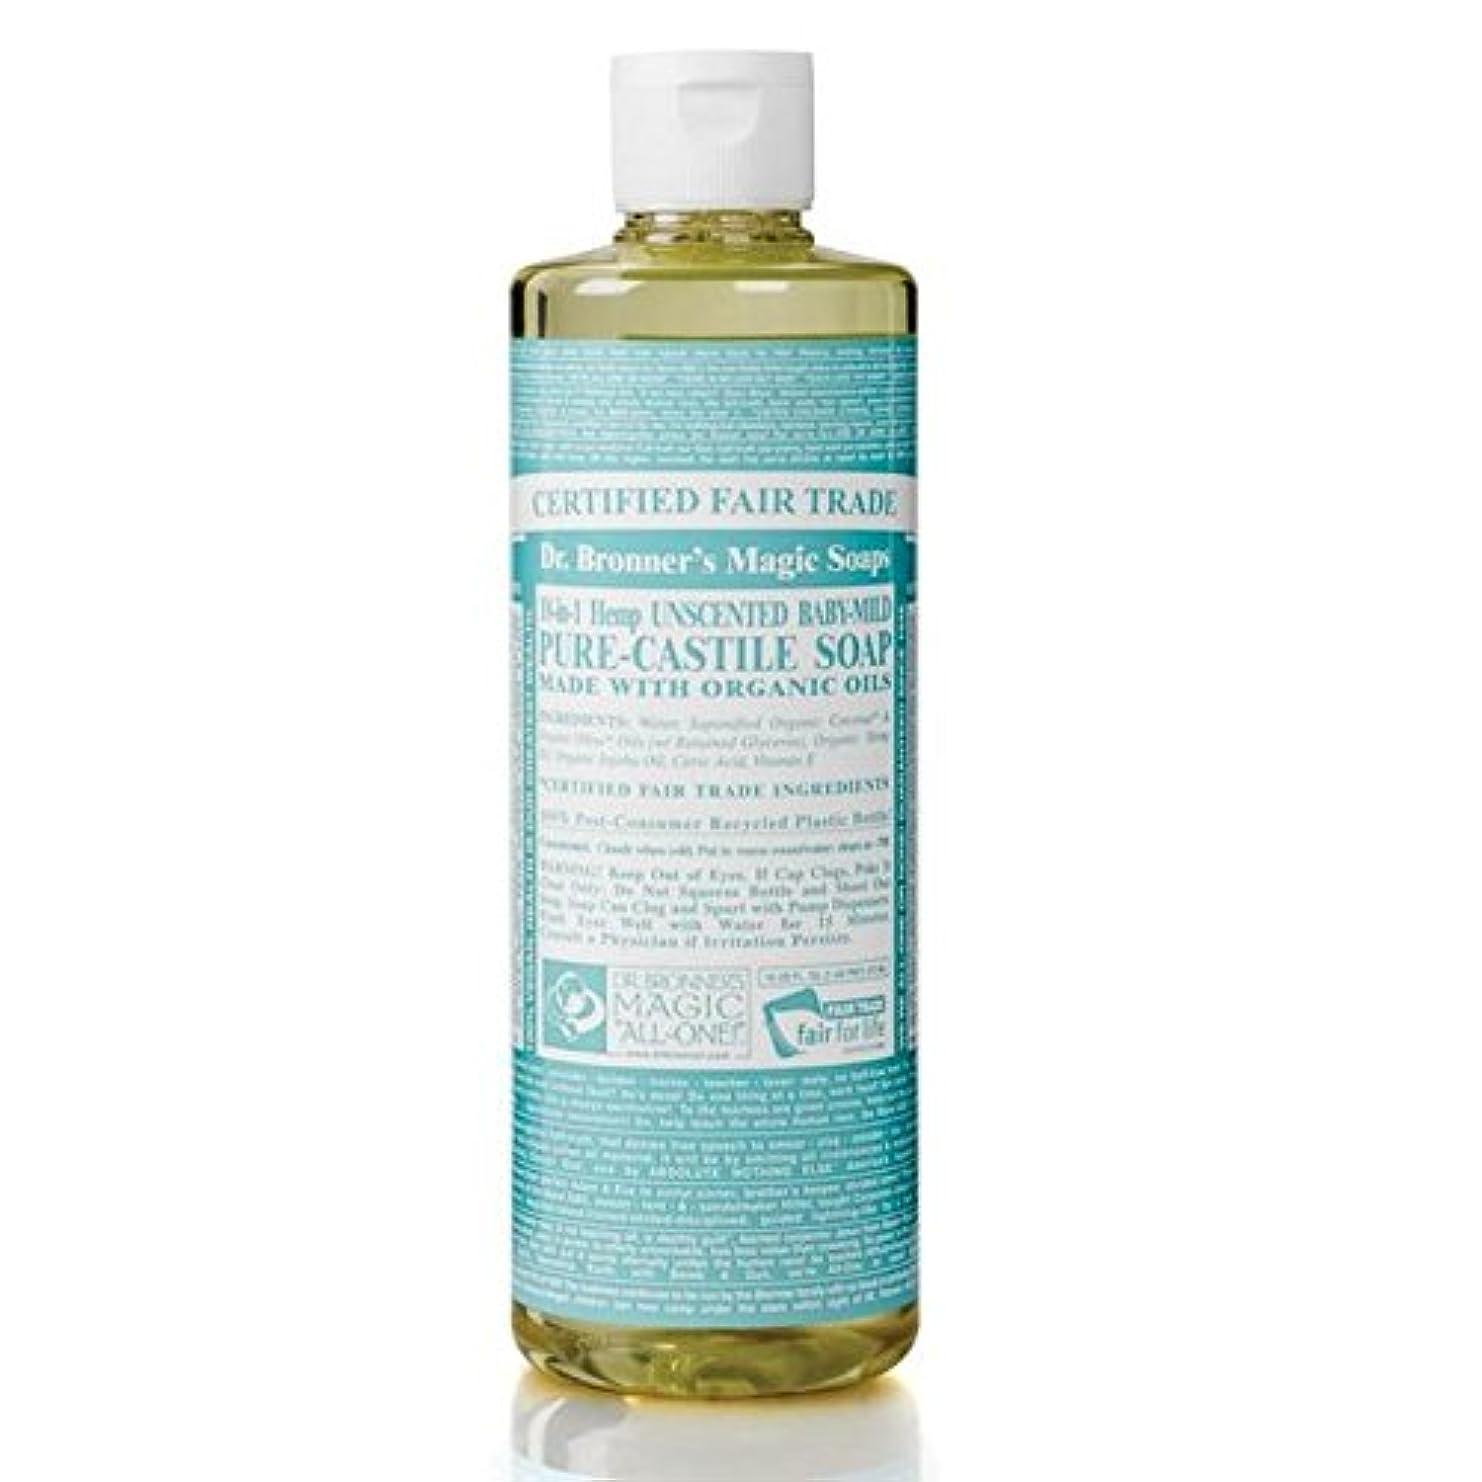 リーク技術者ピザDr Bronner Organic Baby Mild Castile Liquid Soap 473ml (Pack of 6) - のブロナーオーガニックベビーマイルドなカスティーリャ液体石鹸473ミリリットル x6...